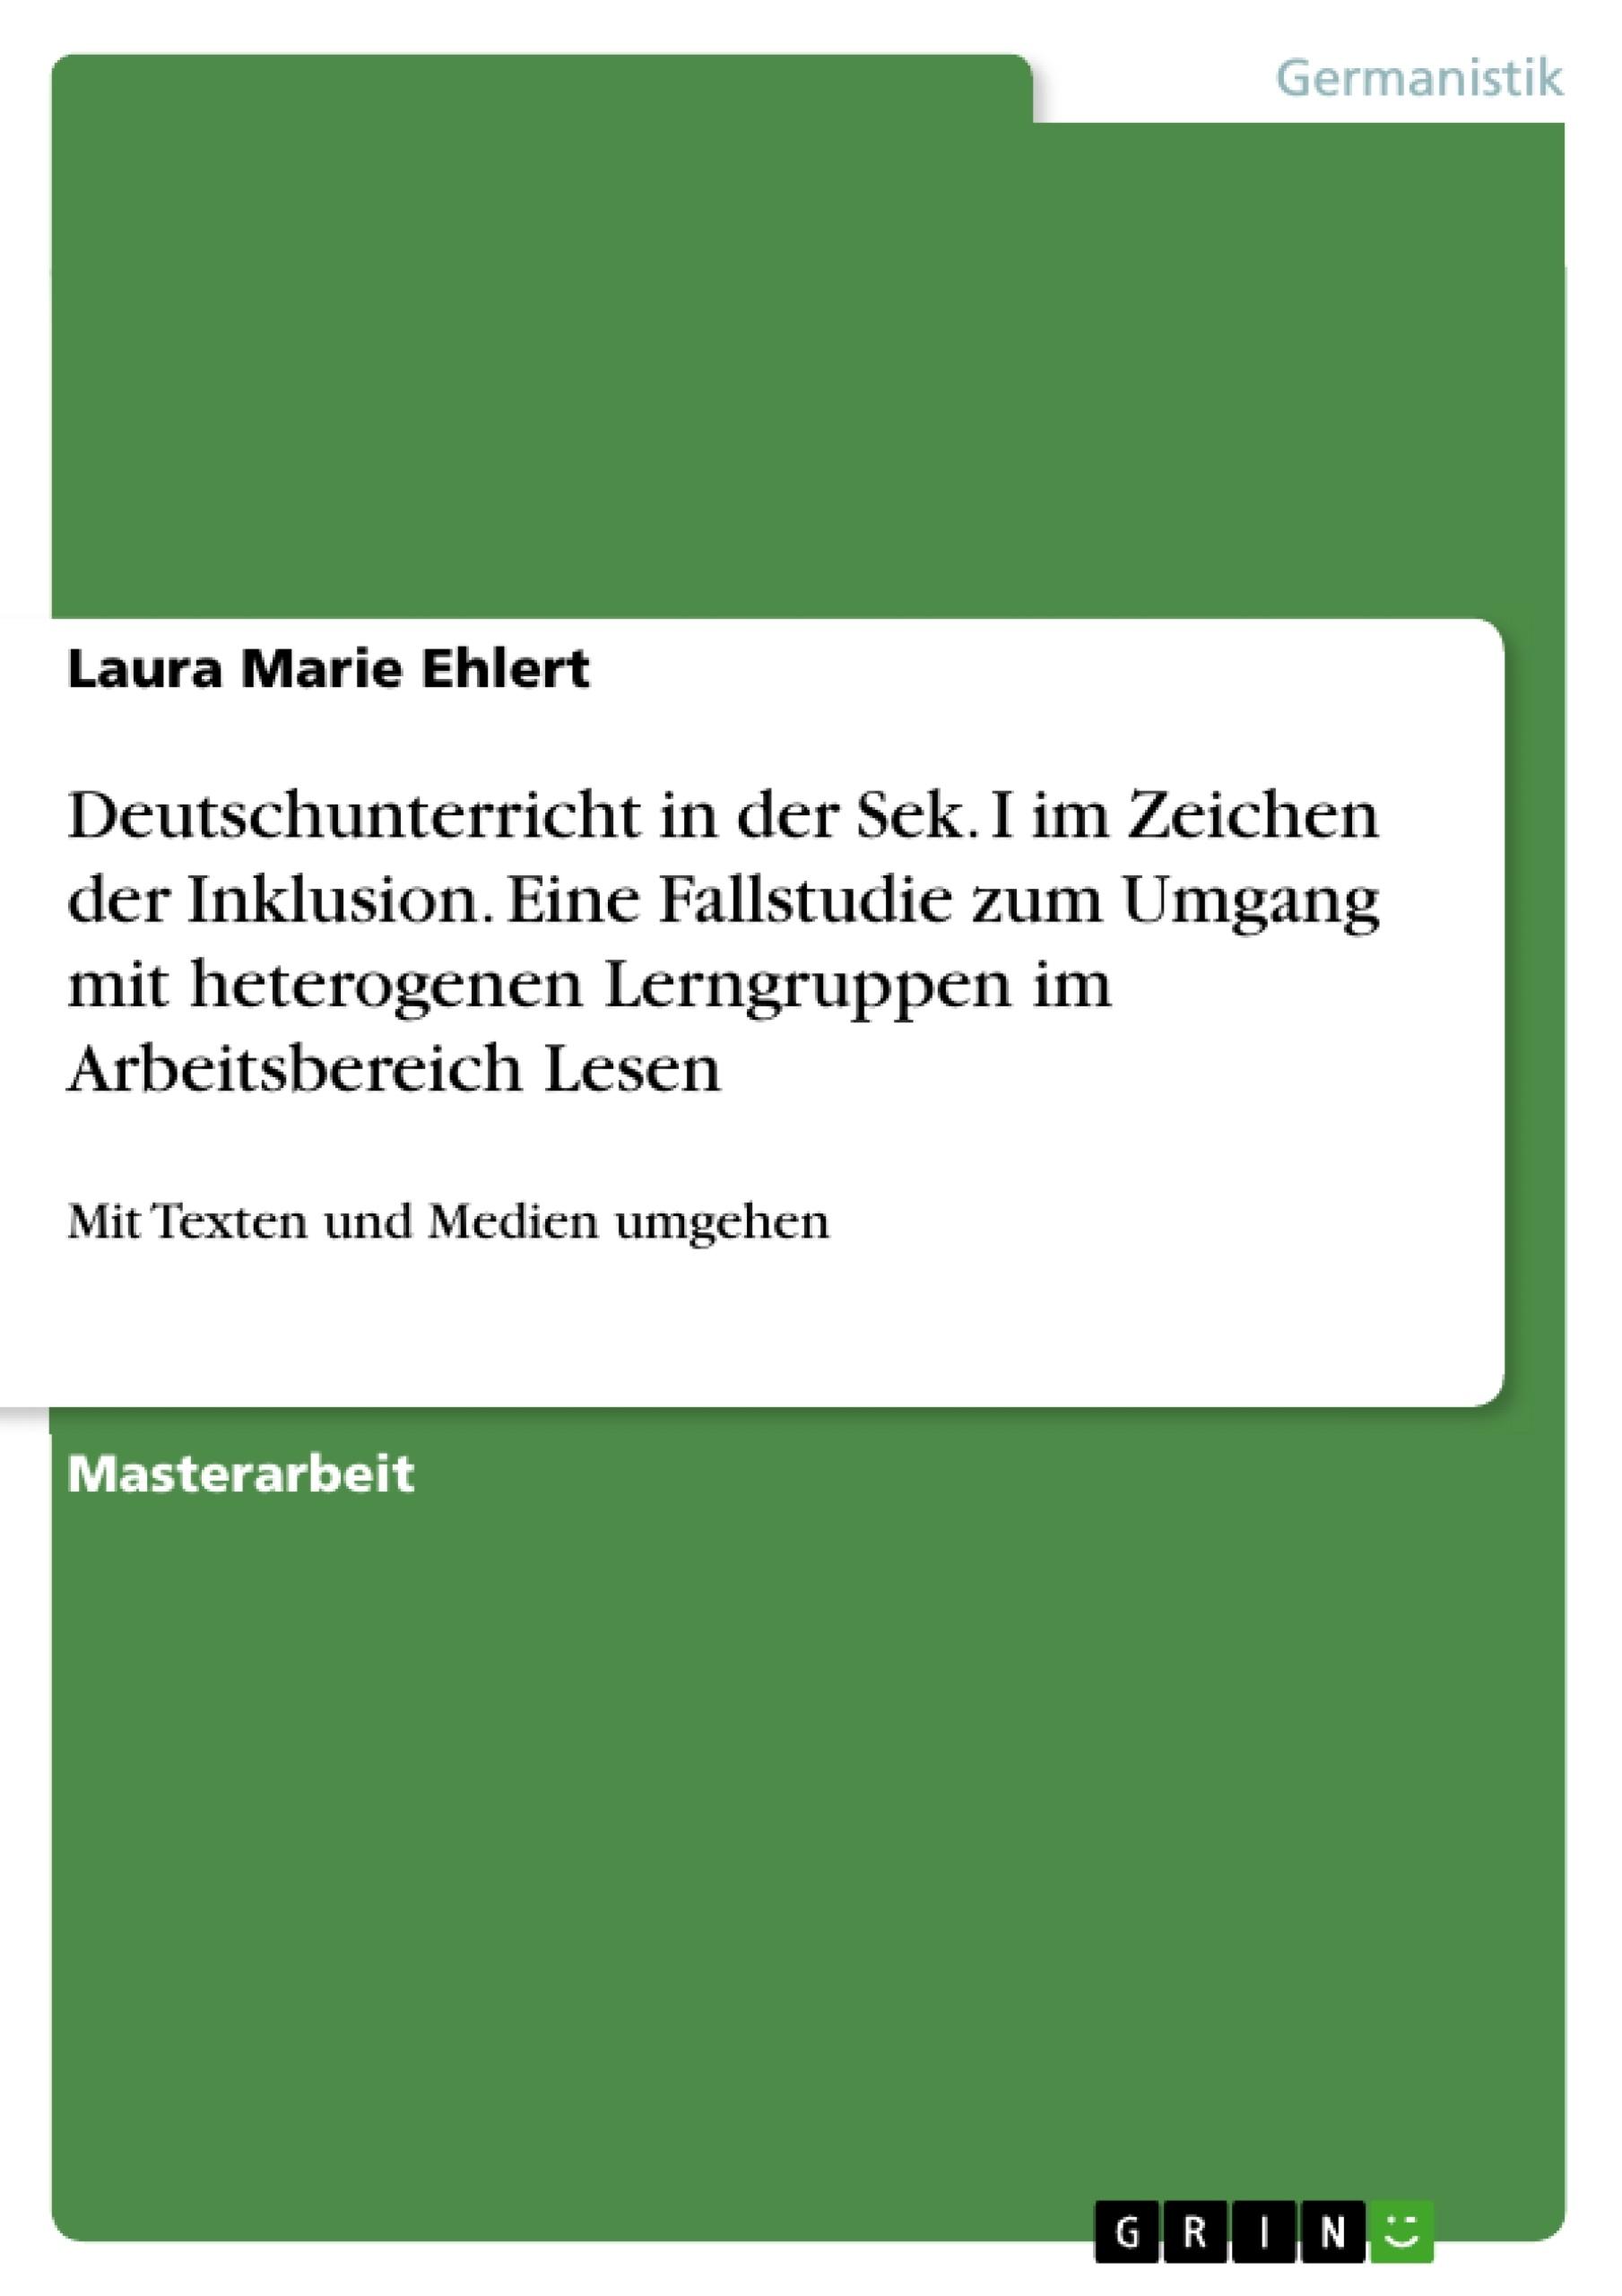 Titel: Deutschunterricht in der Sek. I im Zeichen der Inklusion. Eine Fallstudie zum Umgang mit heterogenen Lerngruppen im Arbeitsbereich Lesen